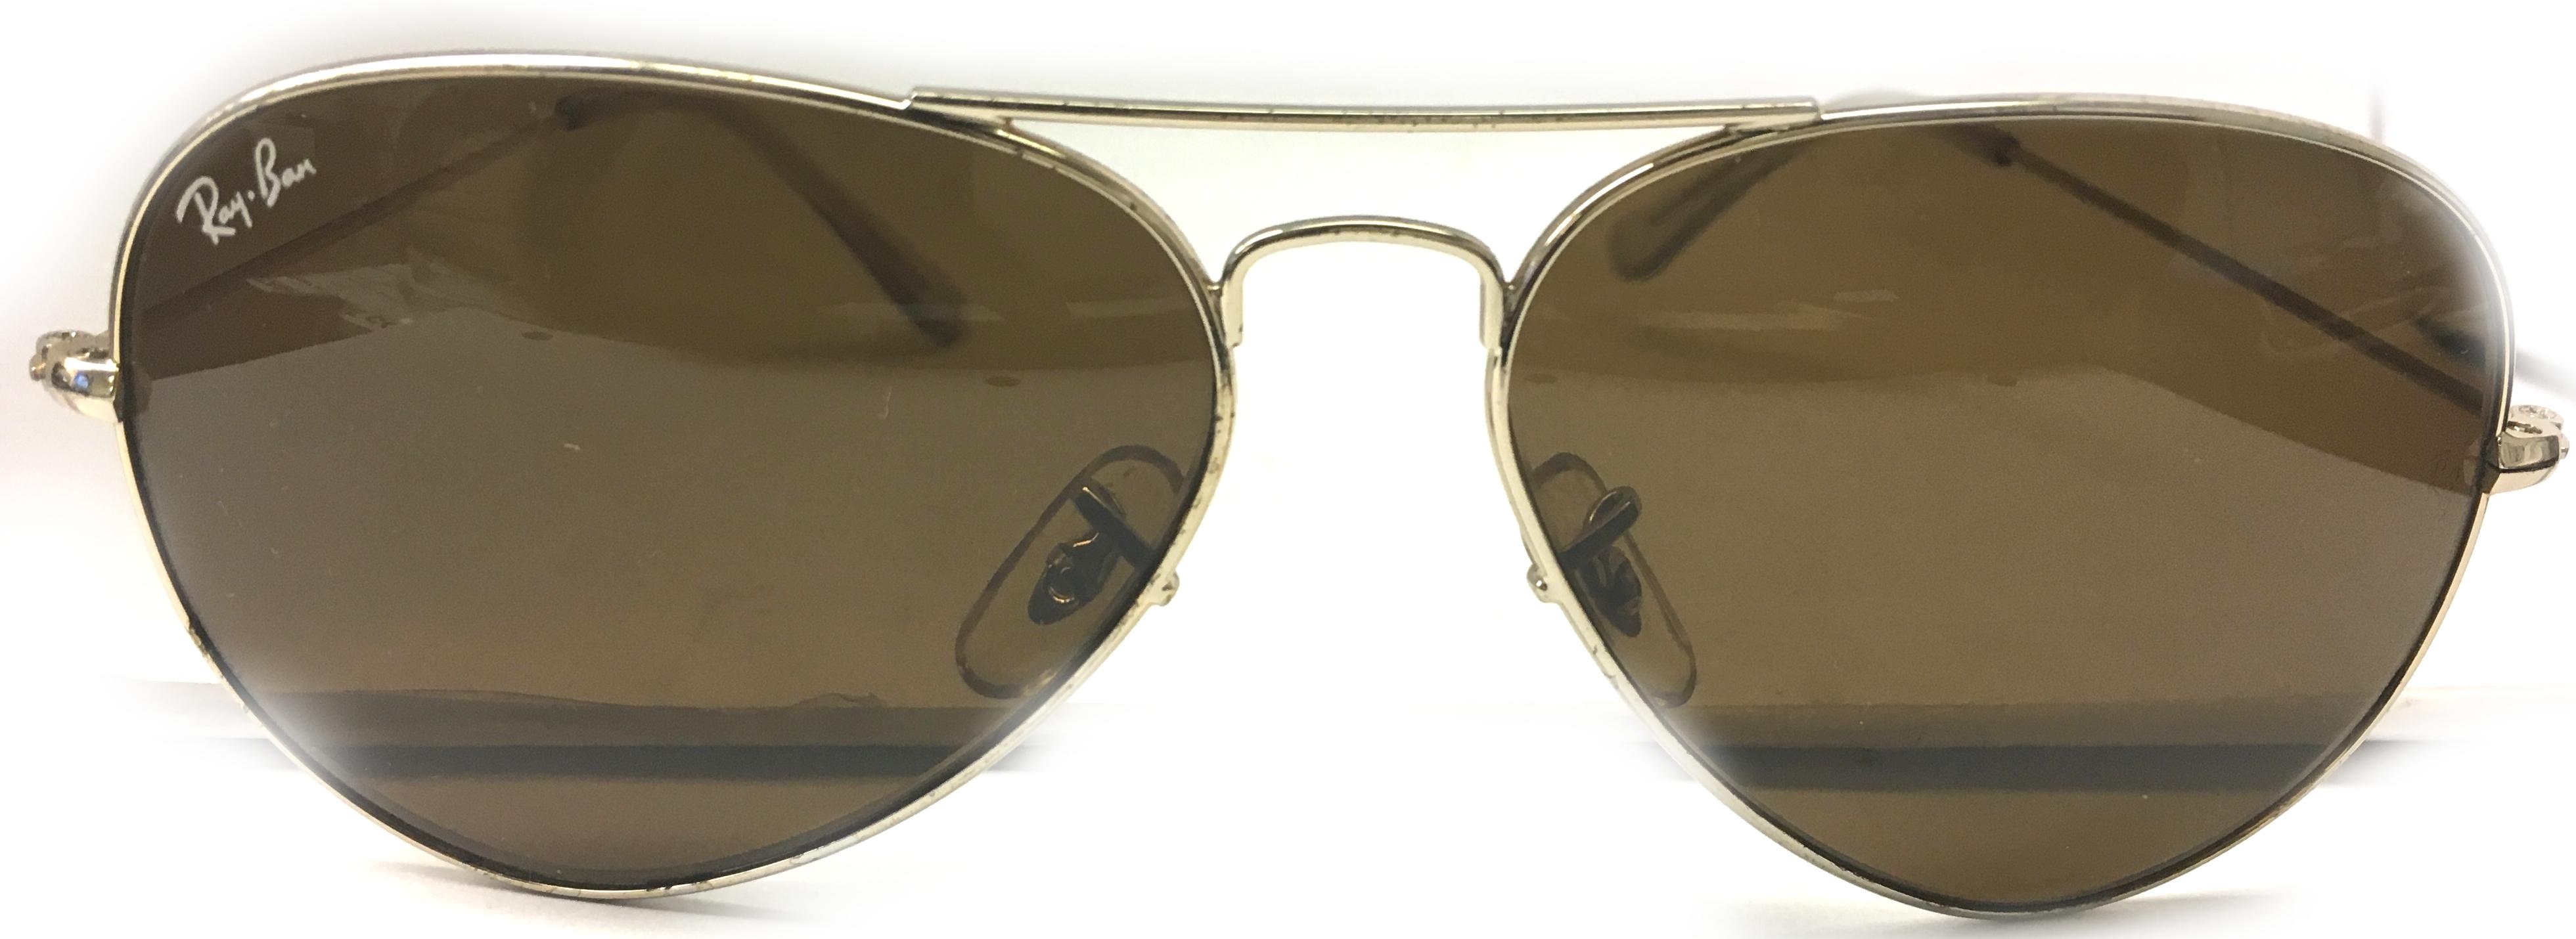 ray ban aviator 58014 polarized